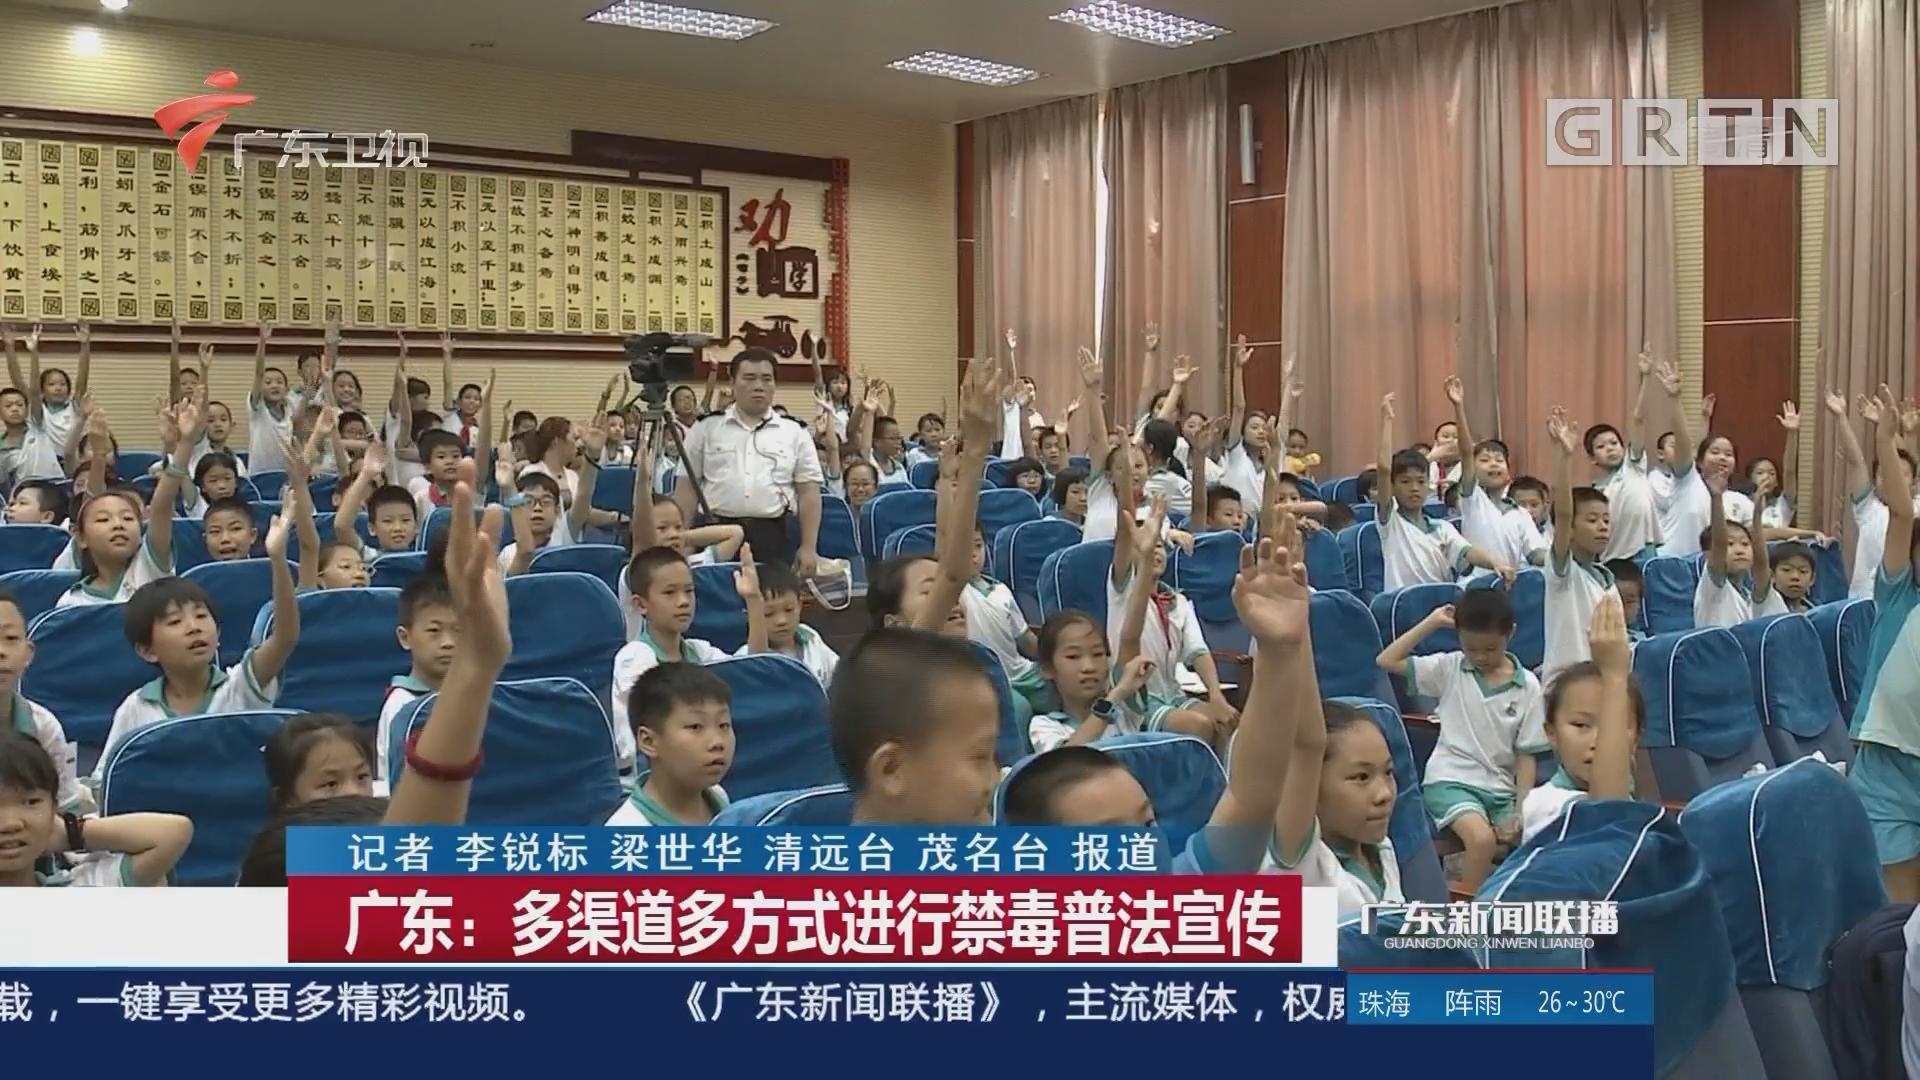 广东:多渠道多方式进行禁毒普法宣传